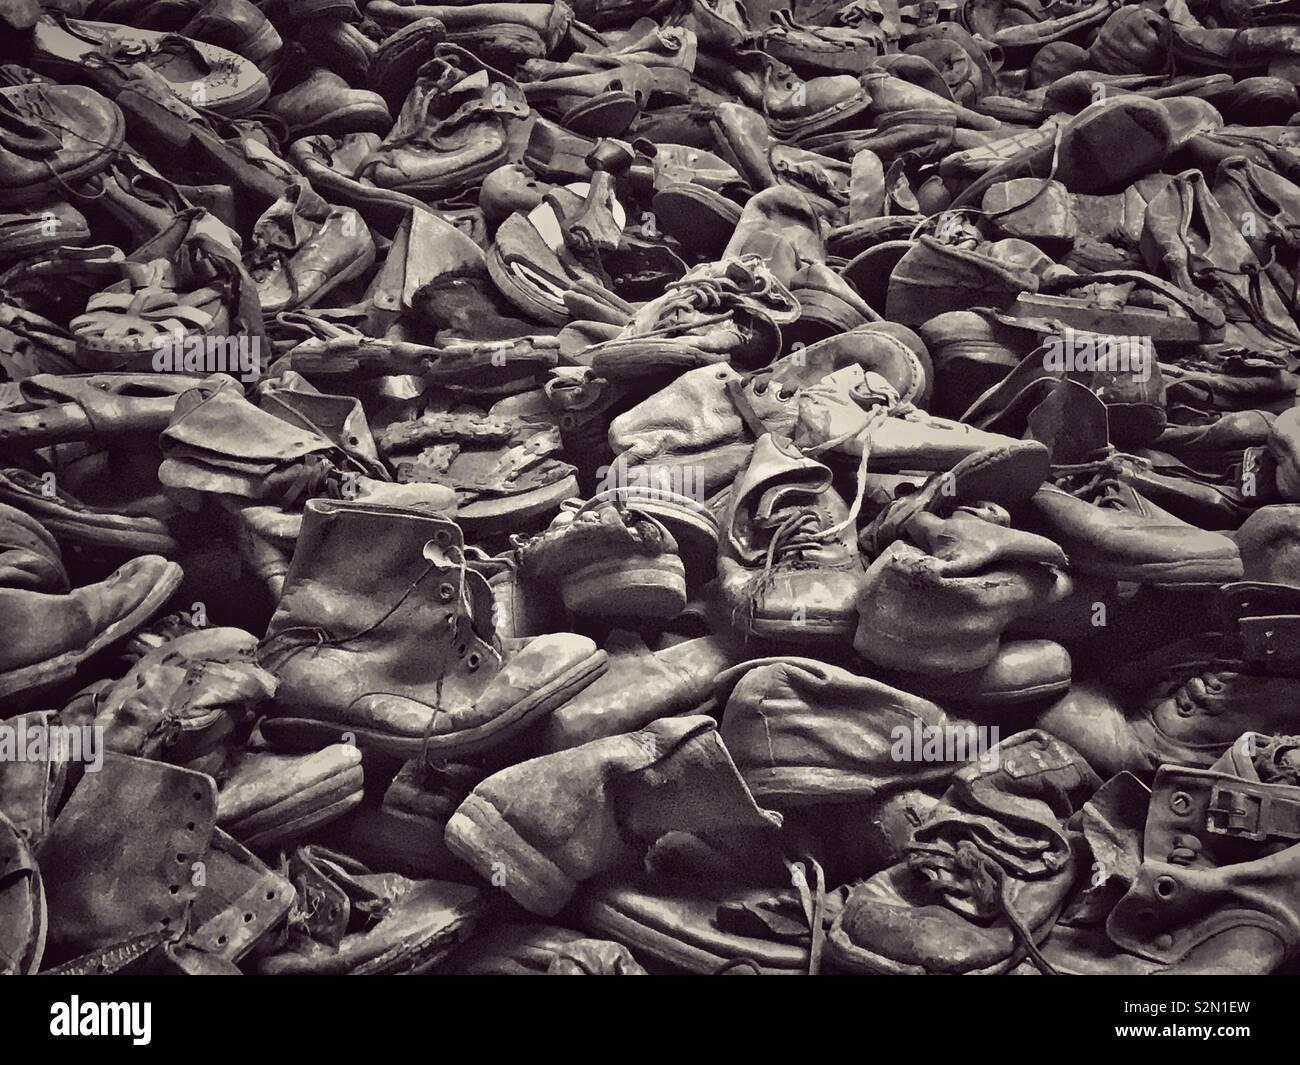 Teil der massiven Stapel von Schuhen und Stiefeln, die von den Tausenden von Gefangenen durch die von den Nazis im KZ Auschwitz in Oswiecim, Polen beschlagnahmt wurden. Die Website ist jetzt ein Memorial Museum. Stockfoto